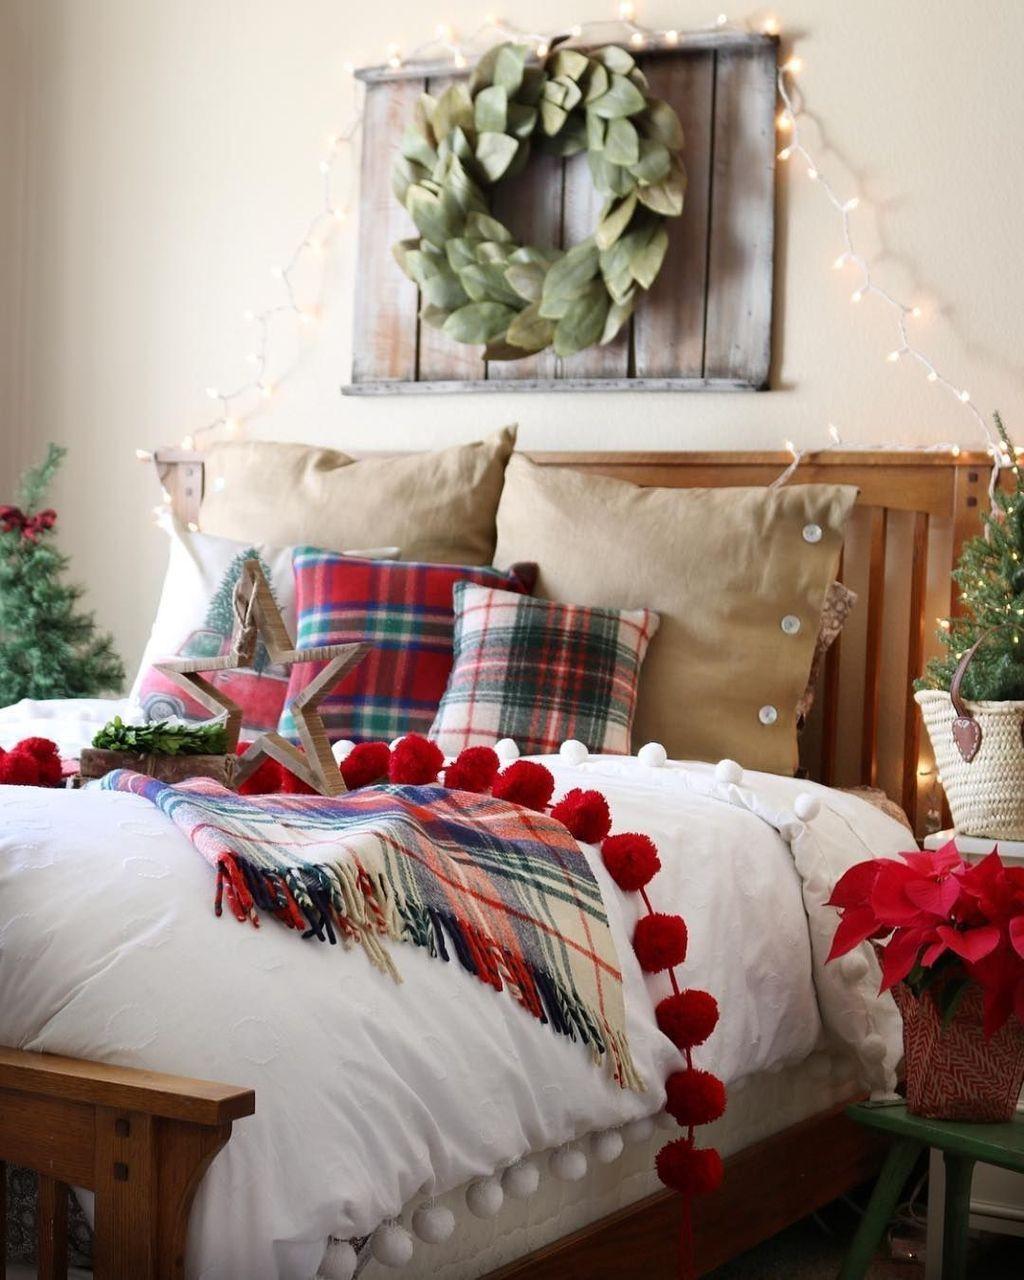 Decorazioni Natalizie Per La Camera 56 easy diy christmas decorations ideas for bedroom (con